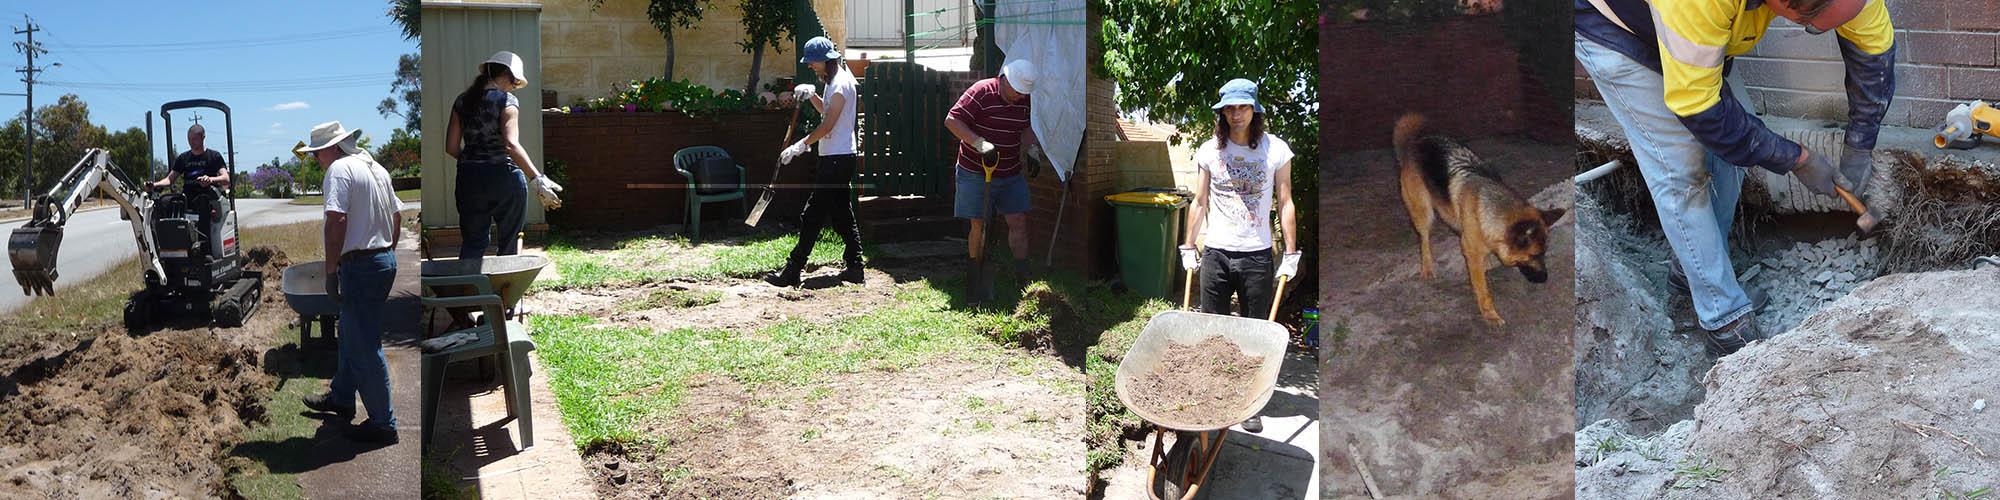 garden blitz_8&9nov14